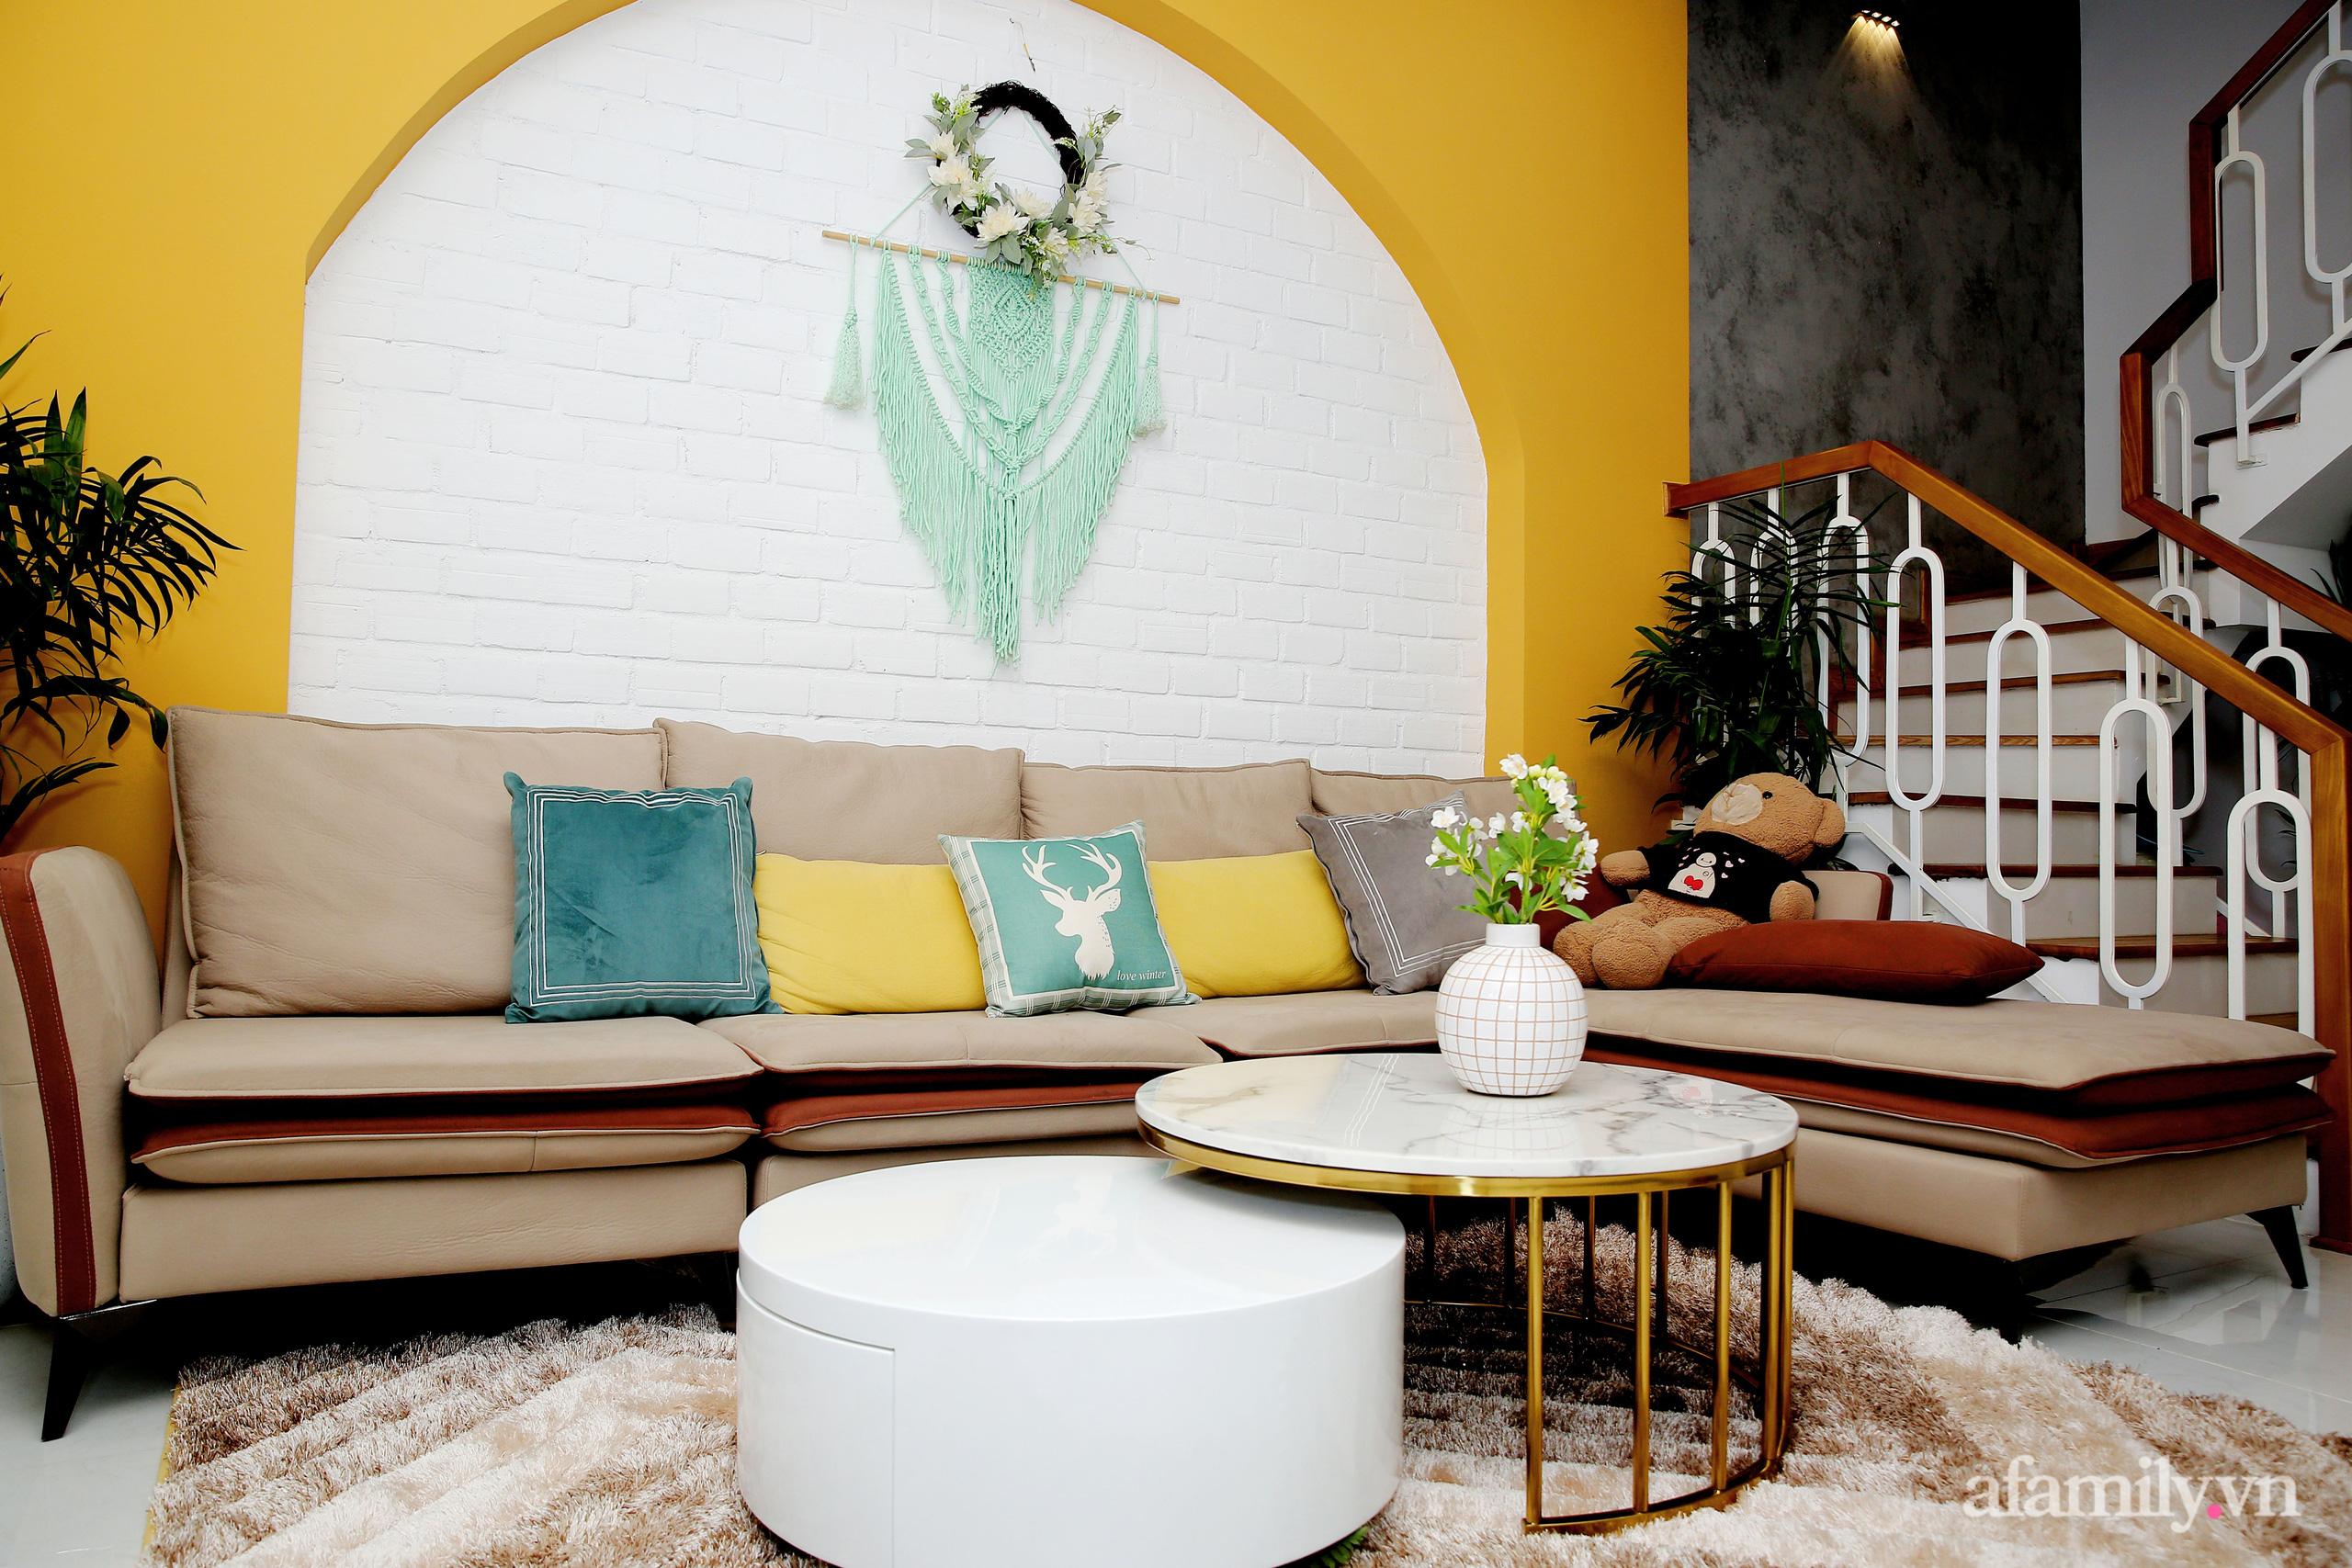 Chồng xây tặng vợ con ngôi nhà ấm cúng với sắc trắng vàng cùng cây xanh và ánh sáng ngập tràn ở Đà Nẵng sau 10 năm ở trọ - Ảnh 4.